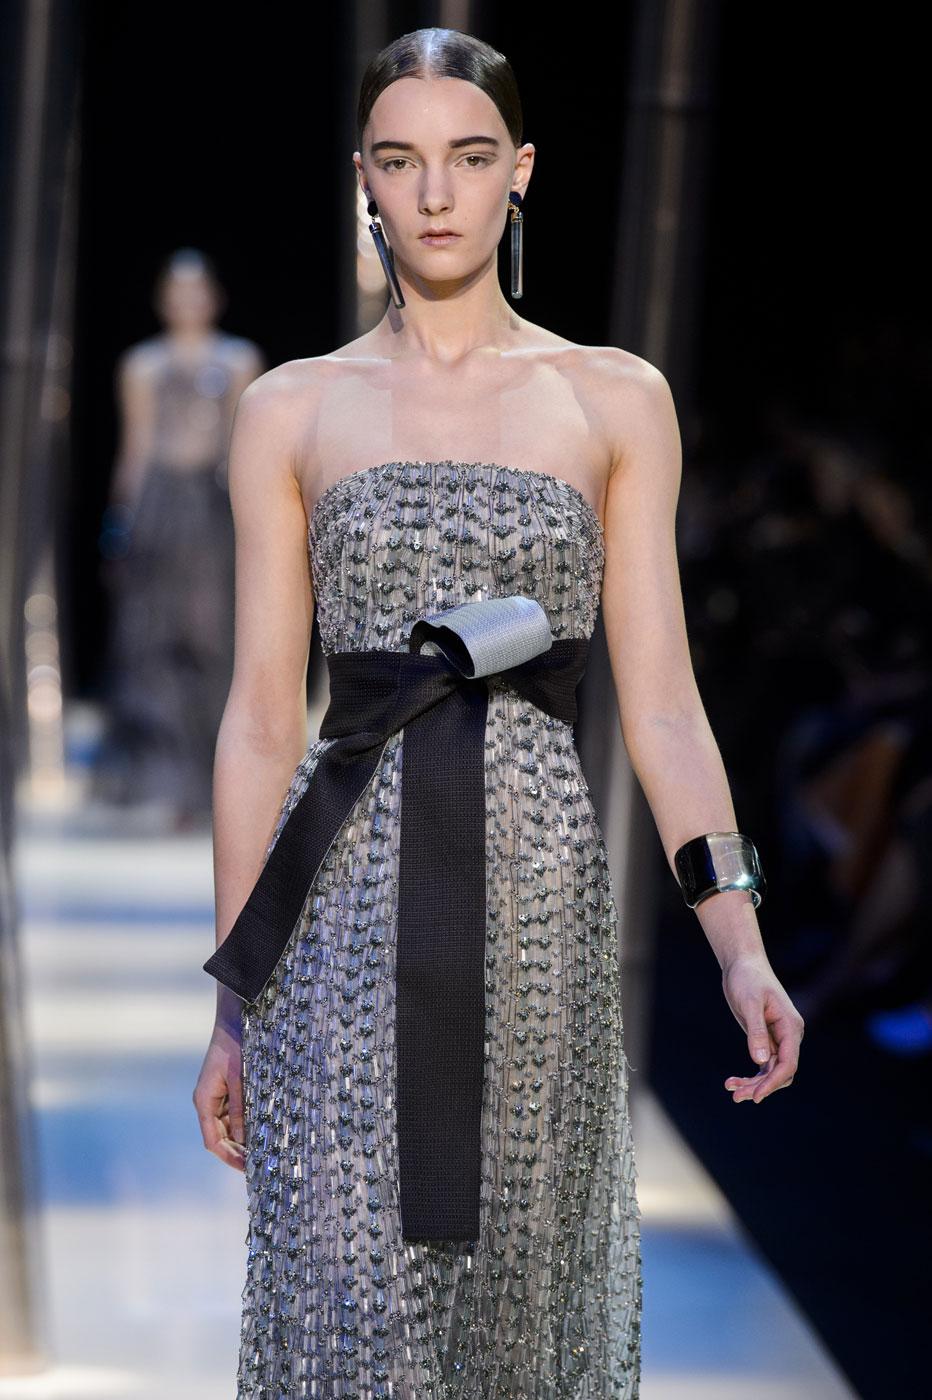 Giorgio-armani-Prive-fashion-runway-show-haute-couture-paris-spring-2015-the-impression-116